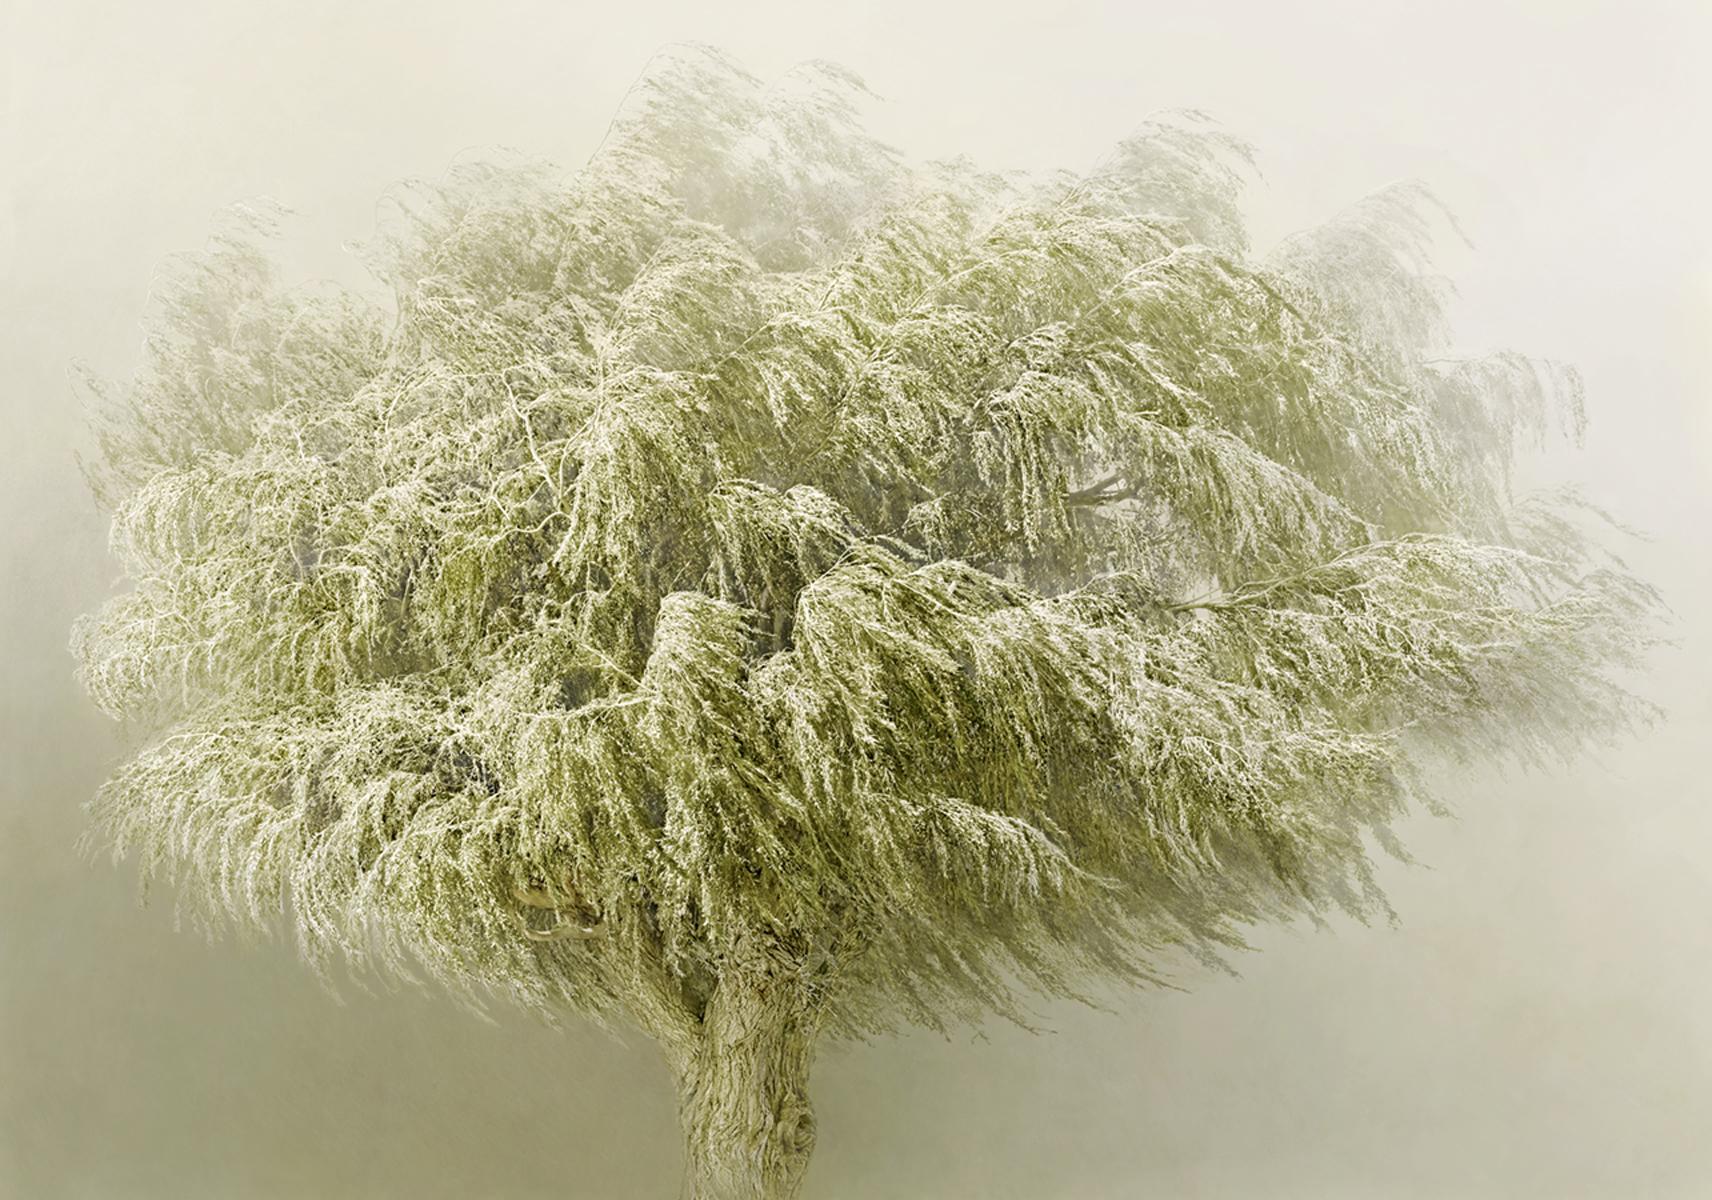 Irene Kung, Willow Tree / Copyright: Irene Kung